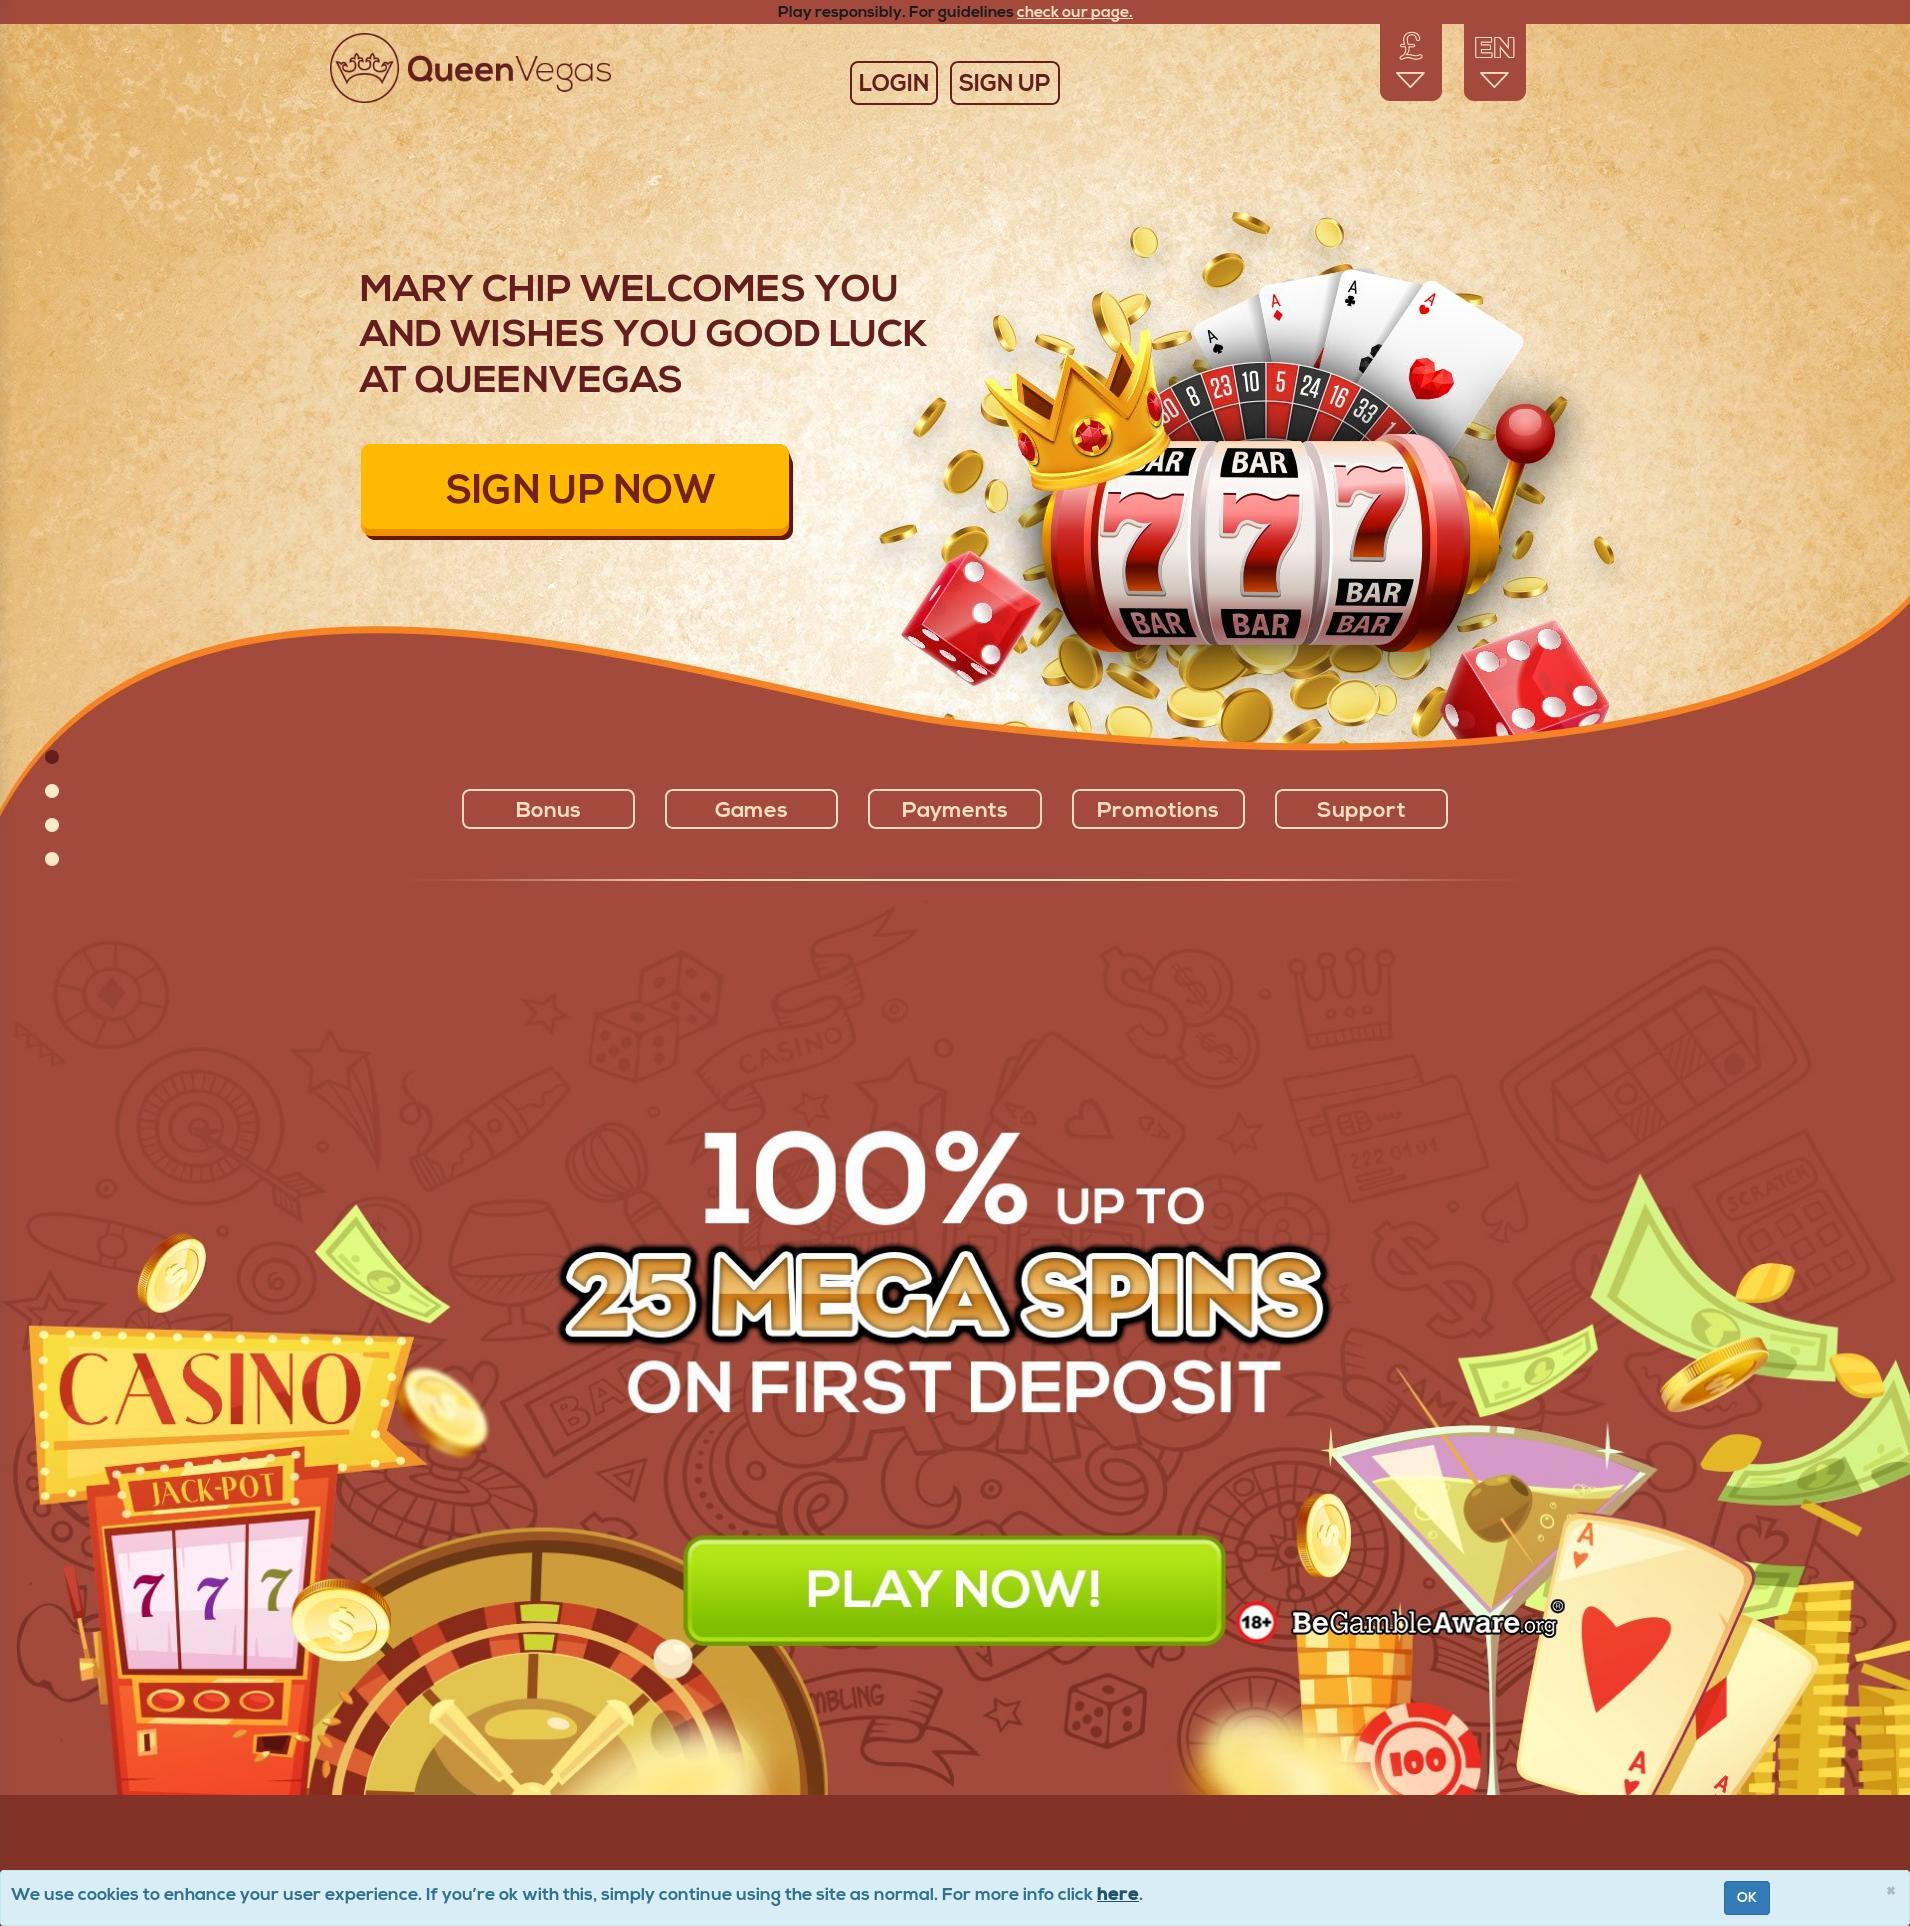 Casino ekranı Lobby 2020-06-02 için Birleşik Krallık